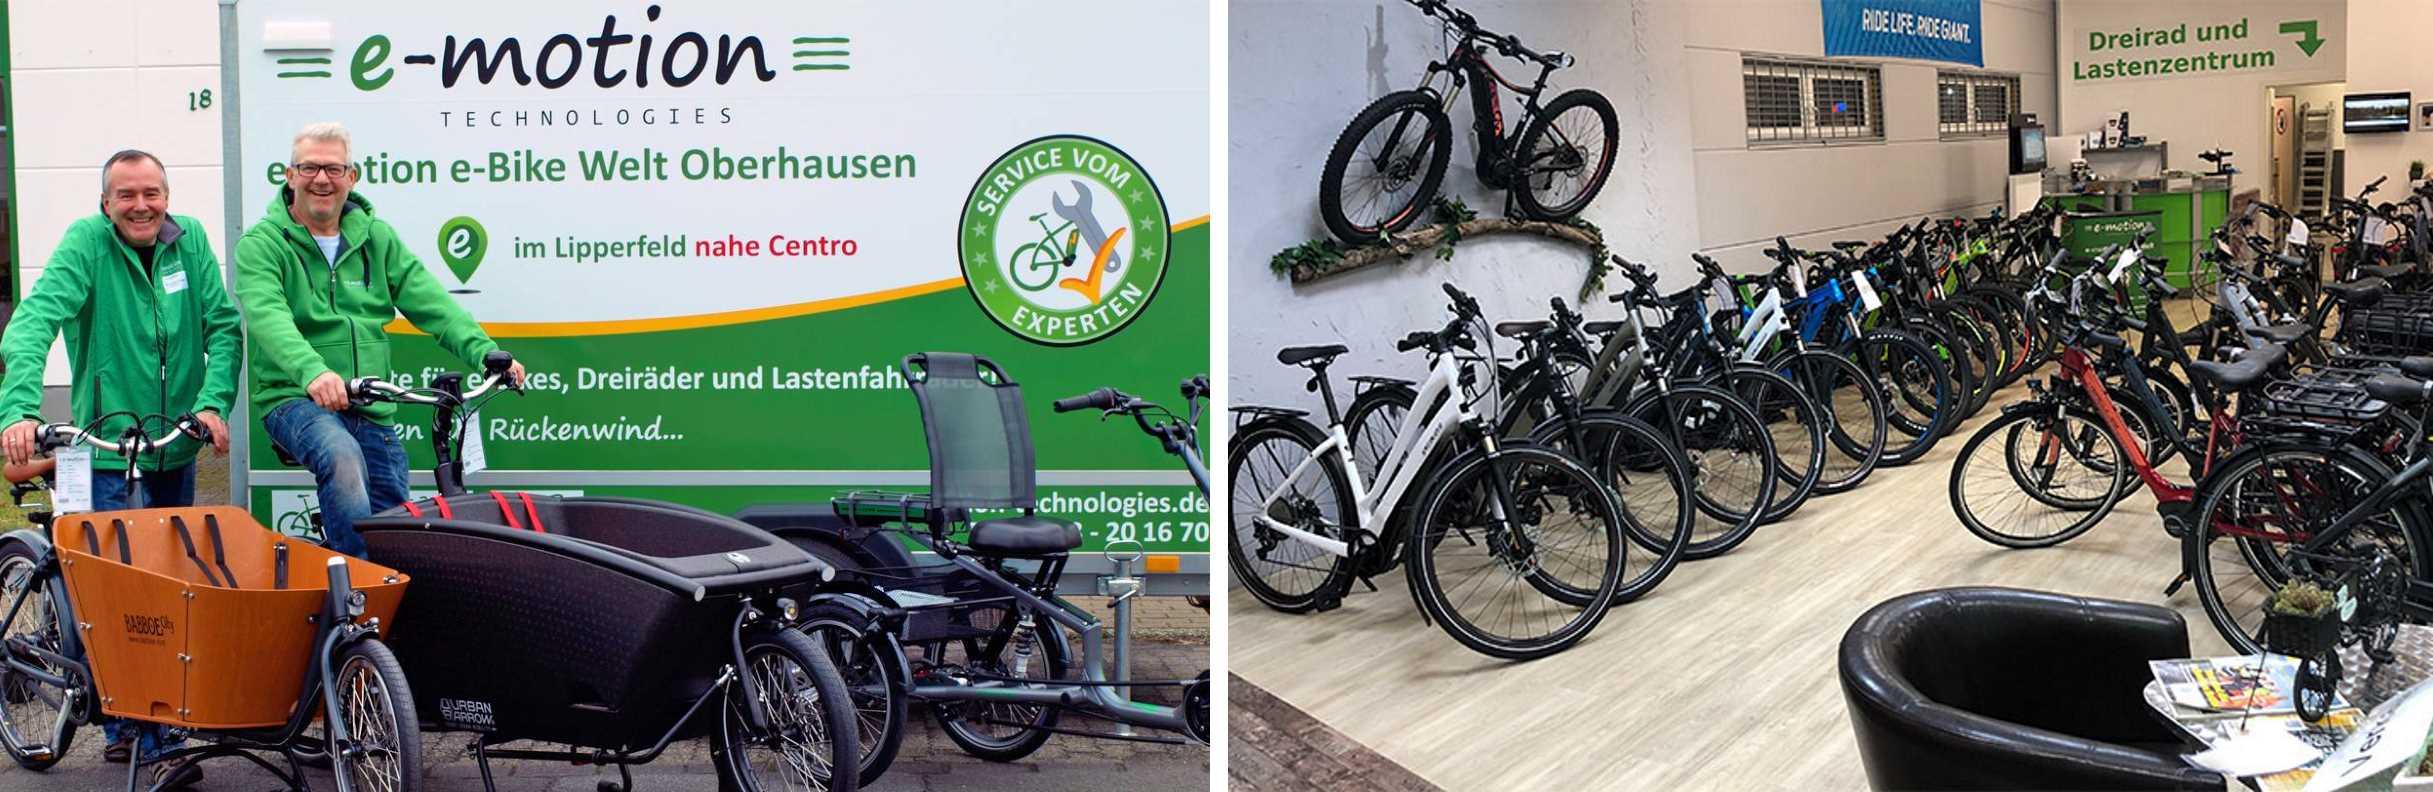 e-motion e-Bike Welt Oberhausen